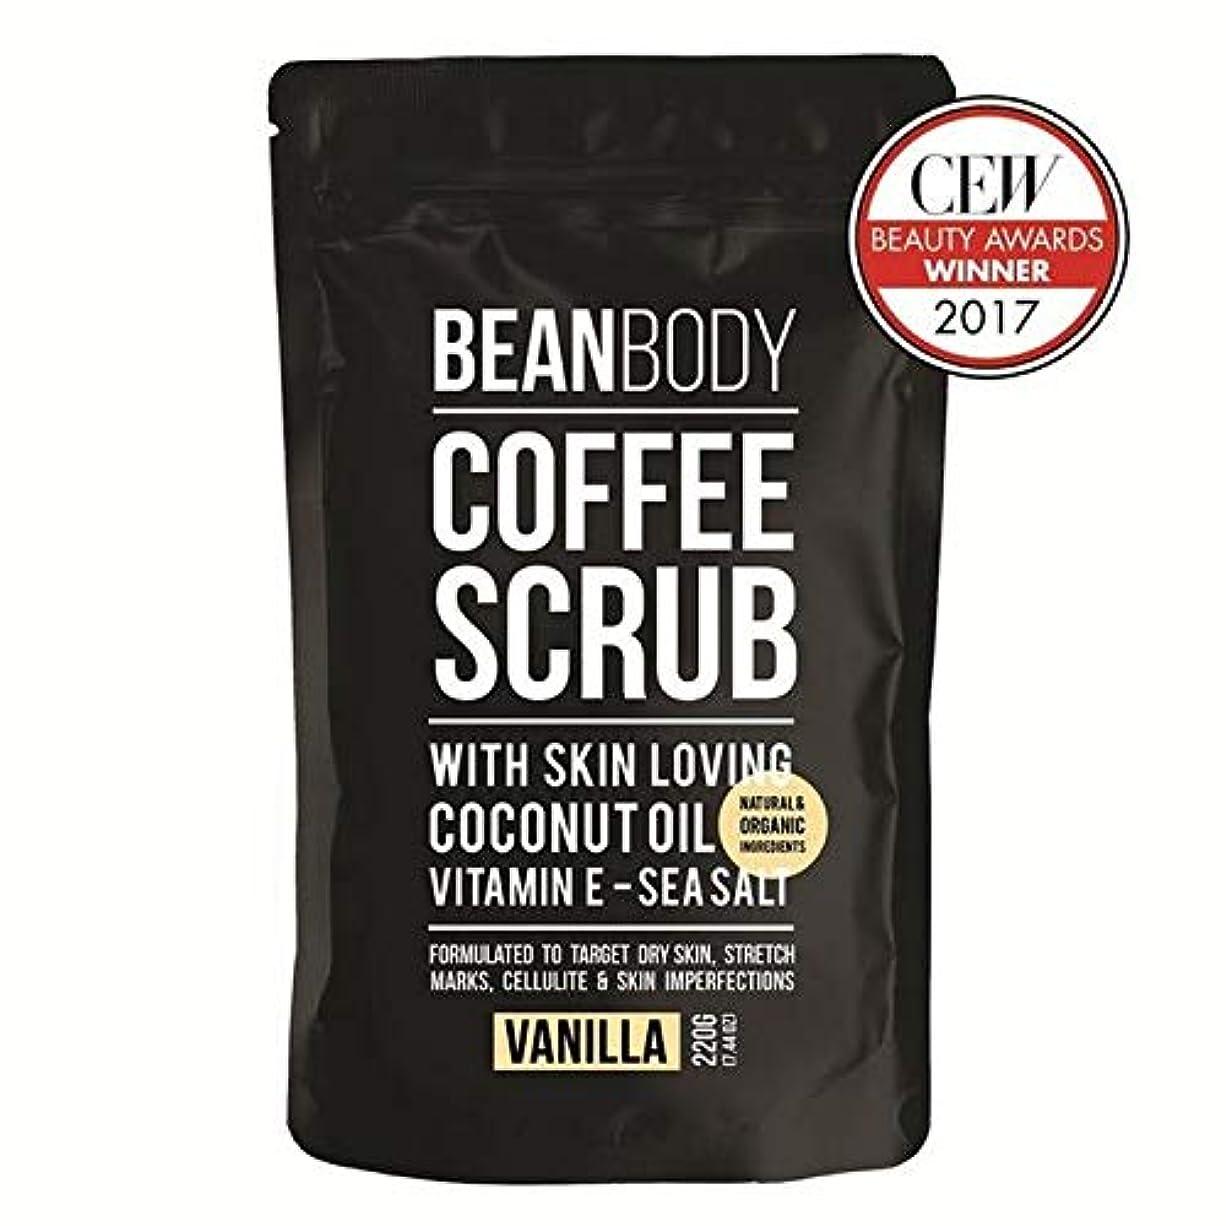 セールグレートオーク軍隊[Bean Body ] 豆のボディスクラブコーヒー、バニラ220グラム - Bean Body Coffee Scrub, Vanilla 220g [並行輸入品]